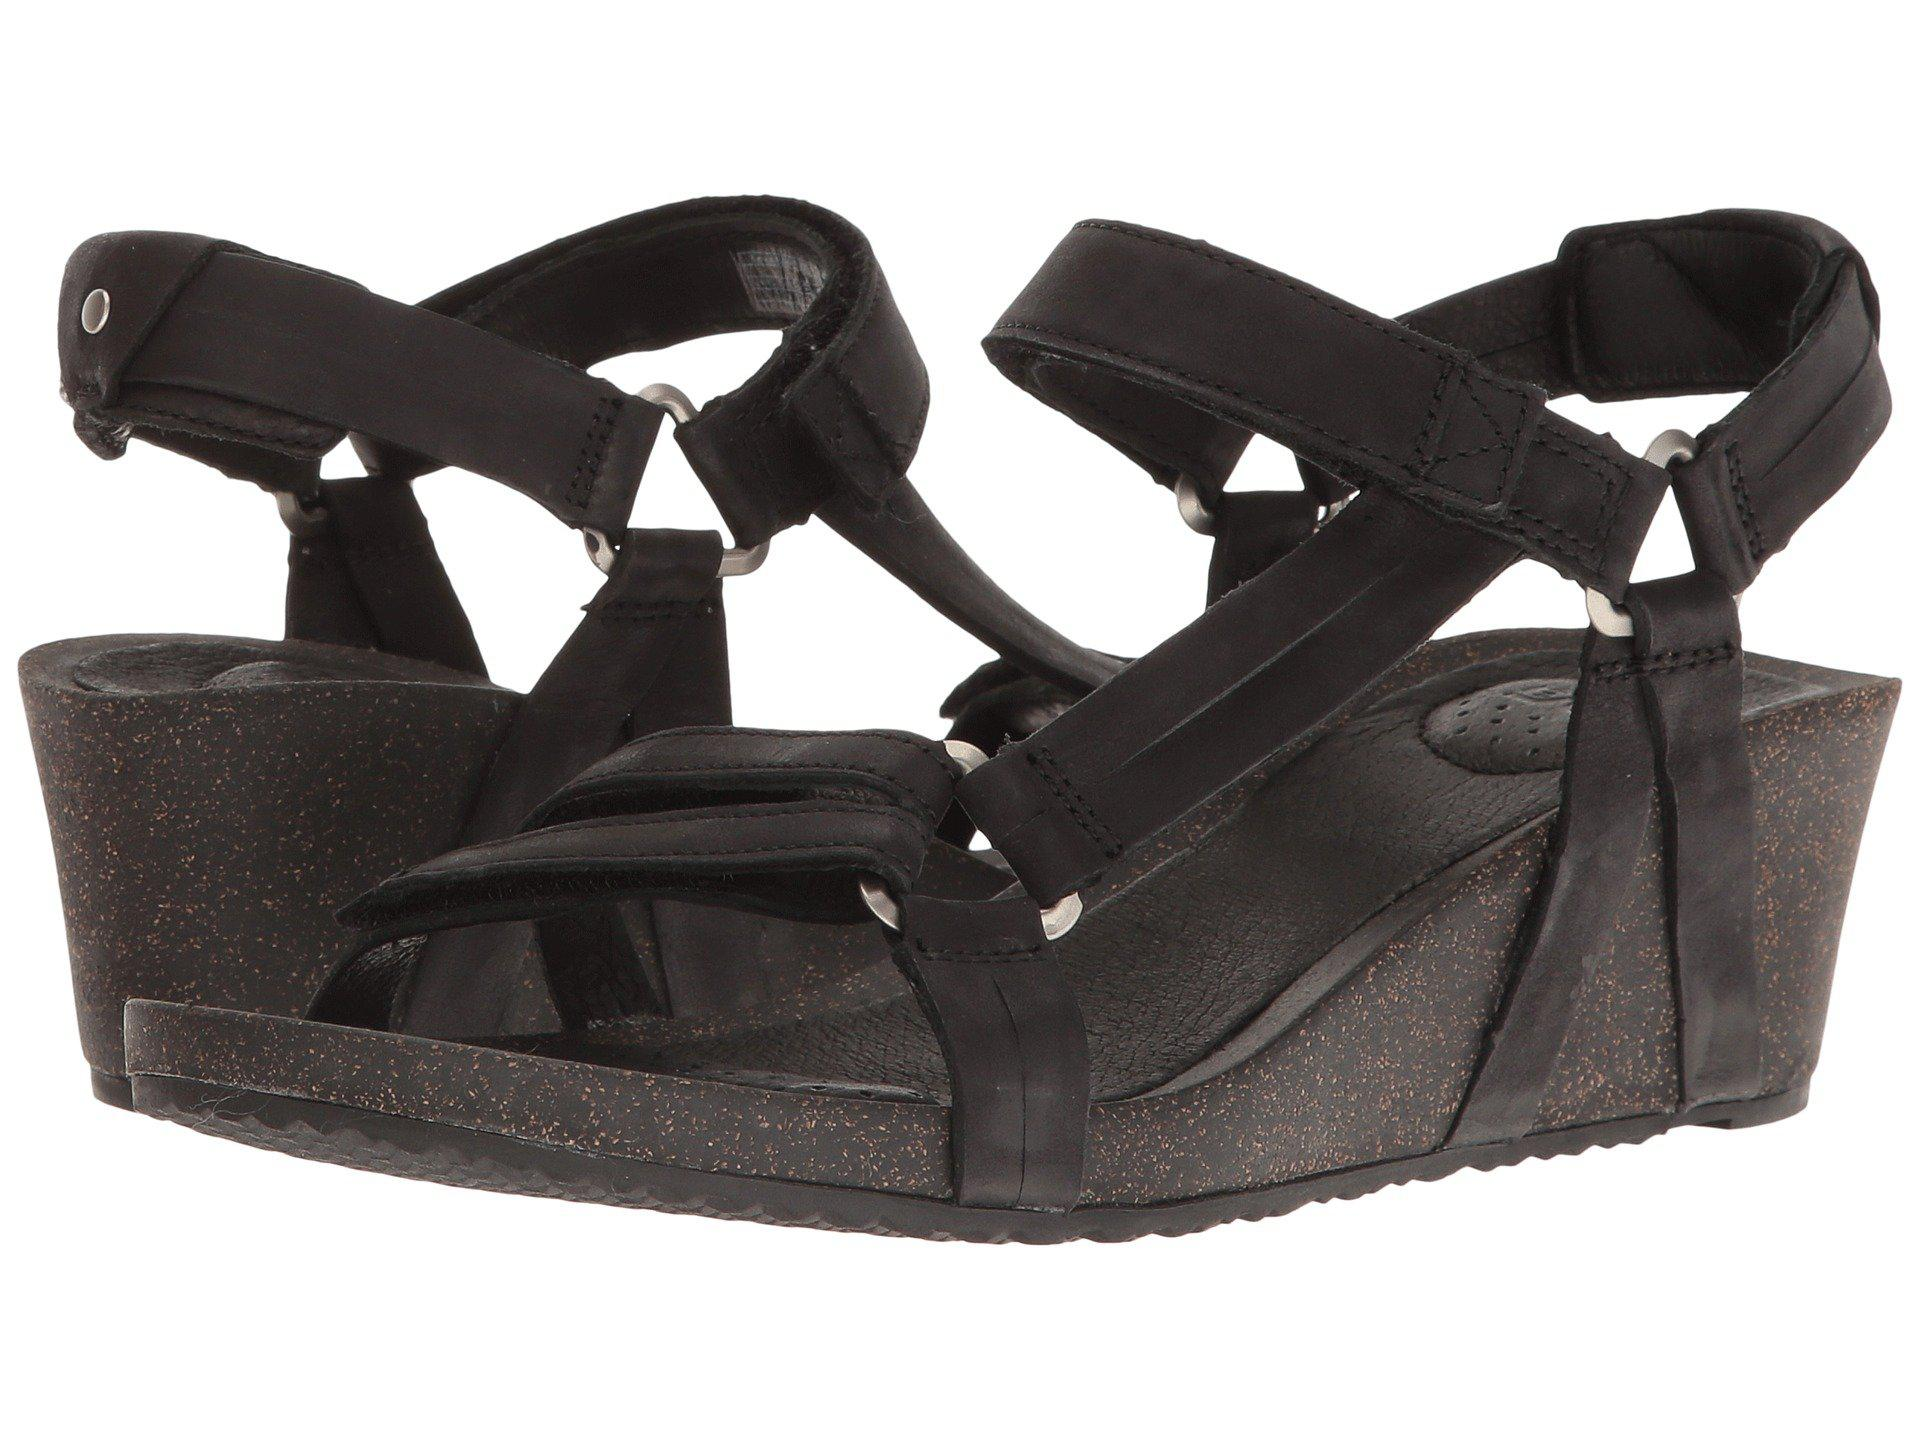 a2c6f41af79b Lyst - Teva Ysidro Stitch Wedge Sandals in Black - Save 14%